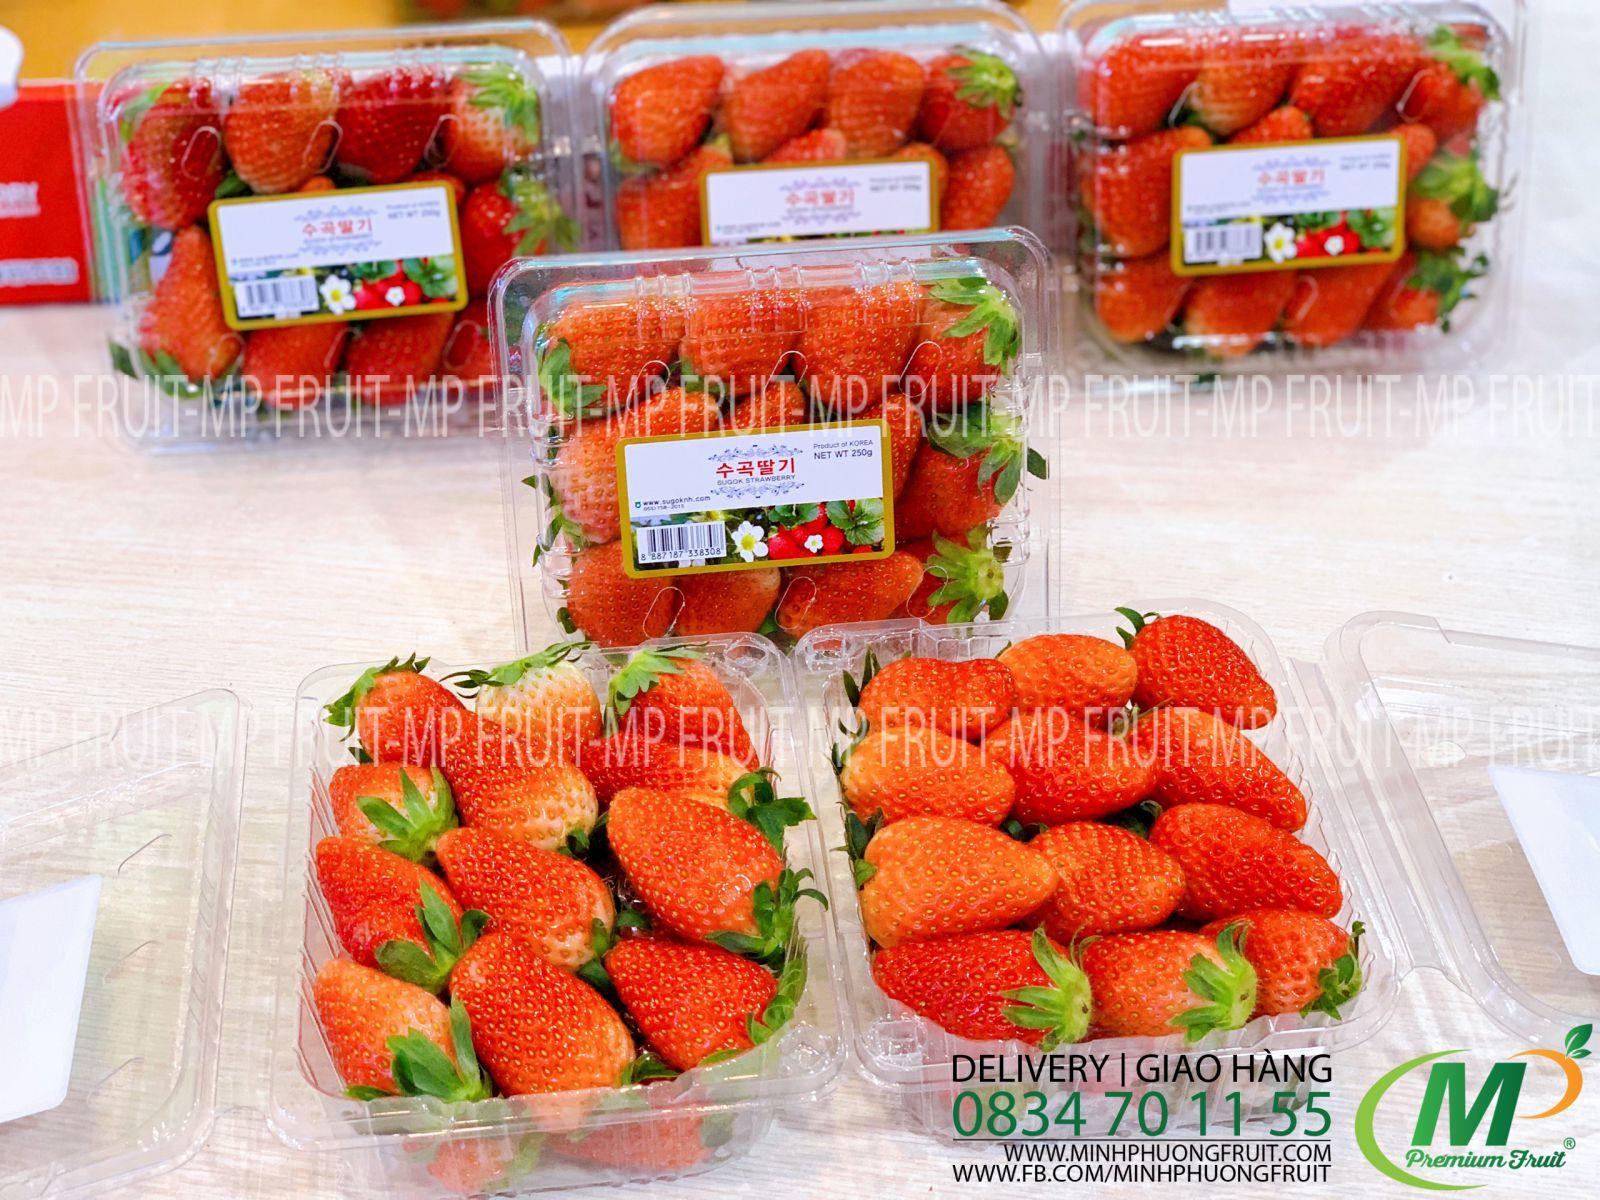 Dâu Tây Hàn Quốc - MP Fruit